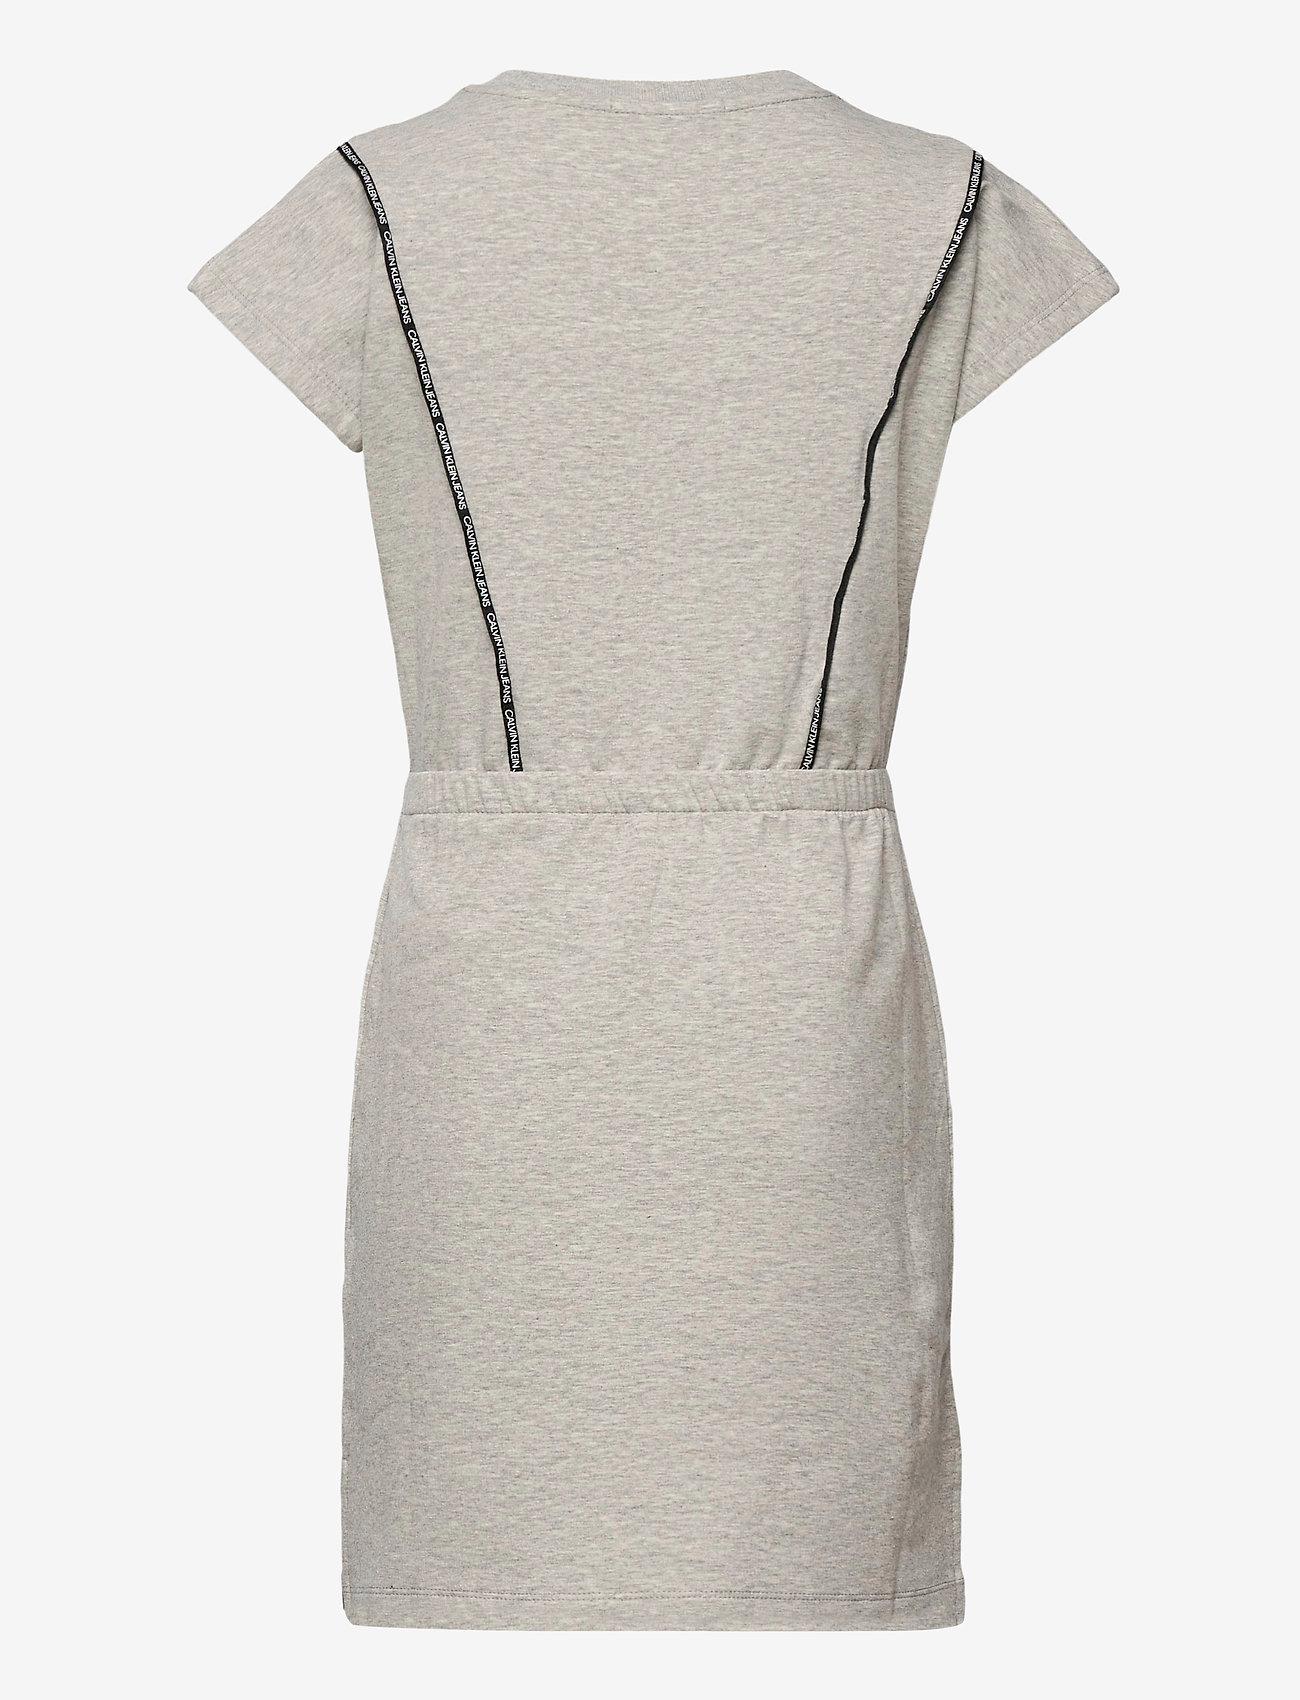 Calvin Klein - SHORT DRESS WITH PIPING DETAIL - kleider - light grey heather - 1